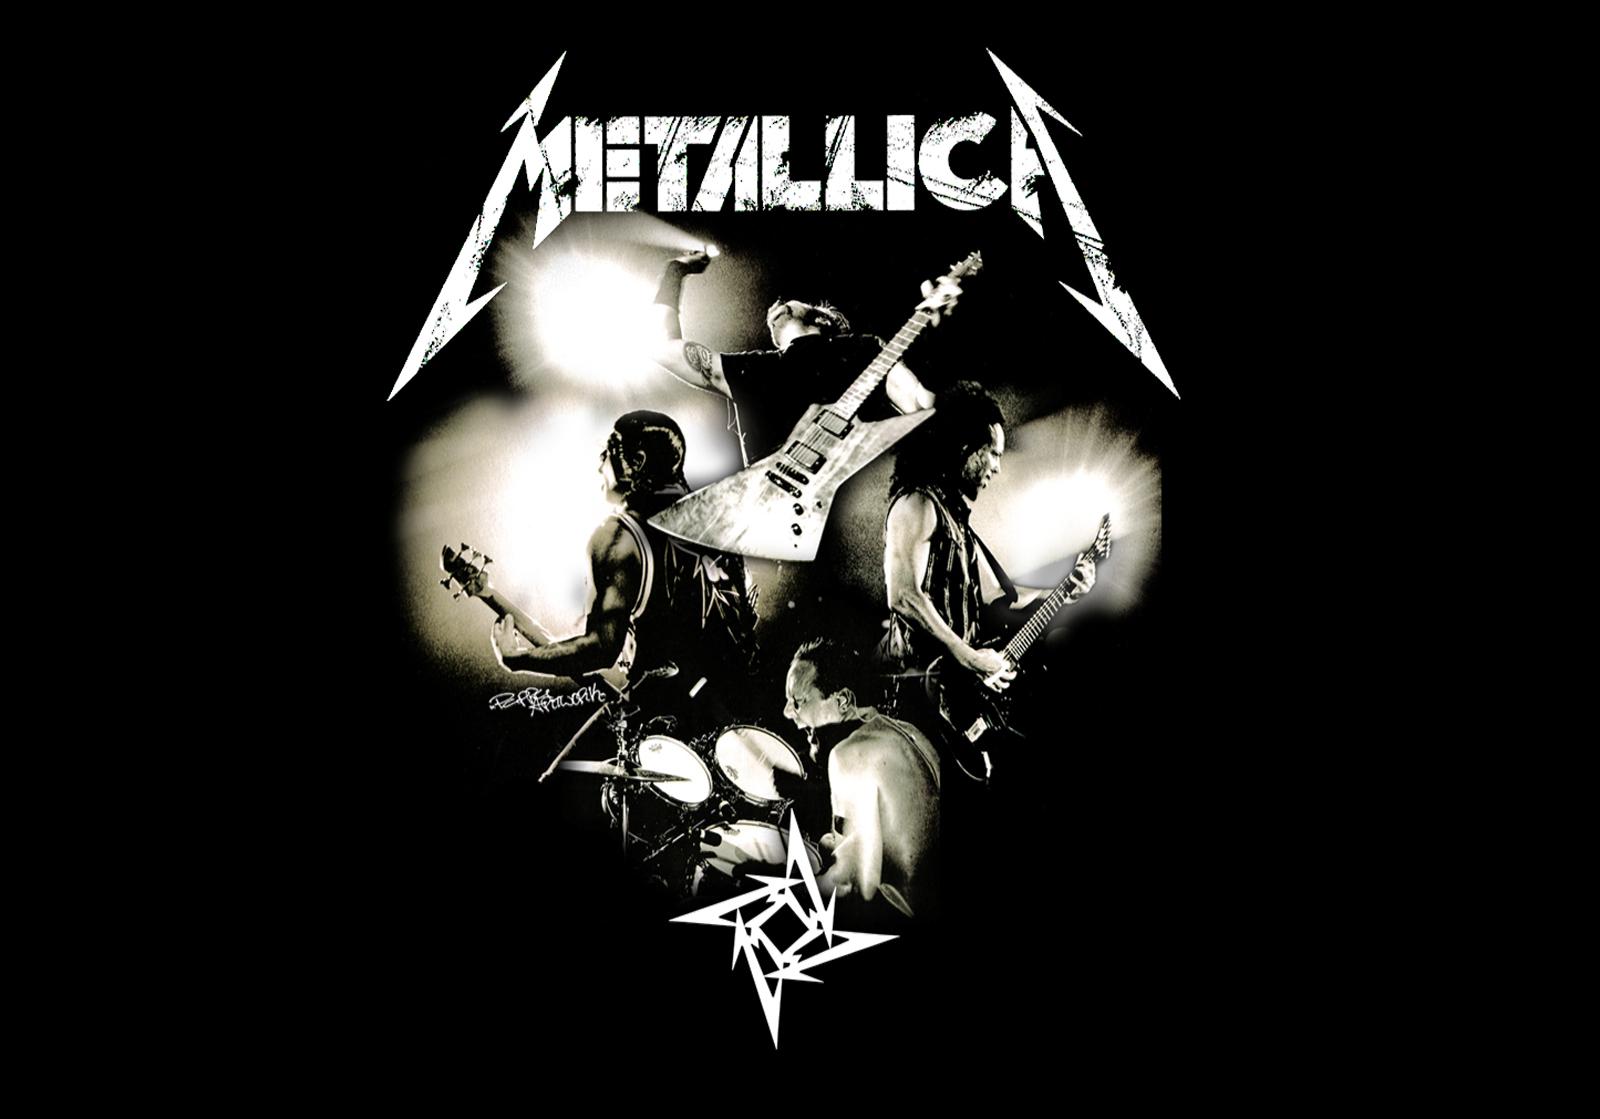 Metallica Logos HD Desktop Wallpapers Download Wallpapers in HD 1600x1119